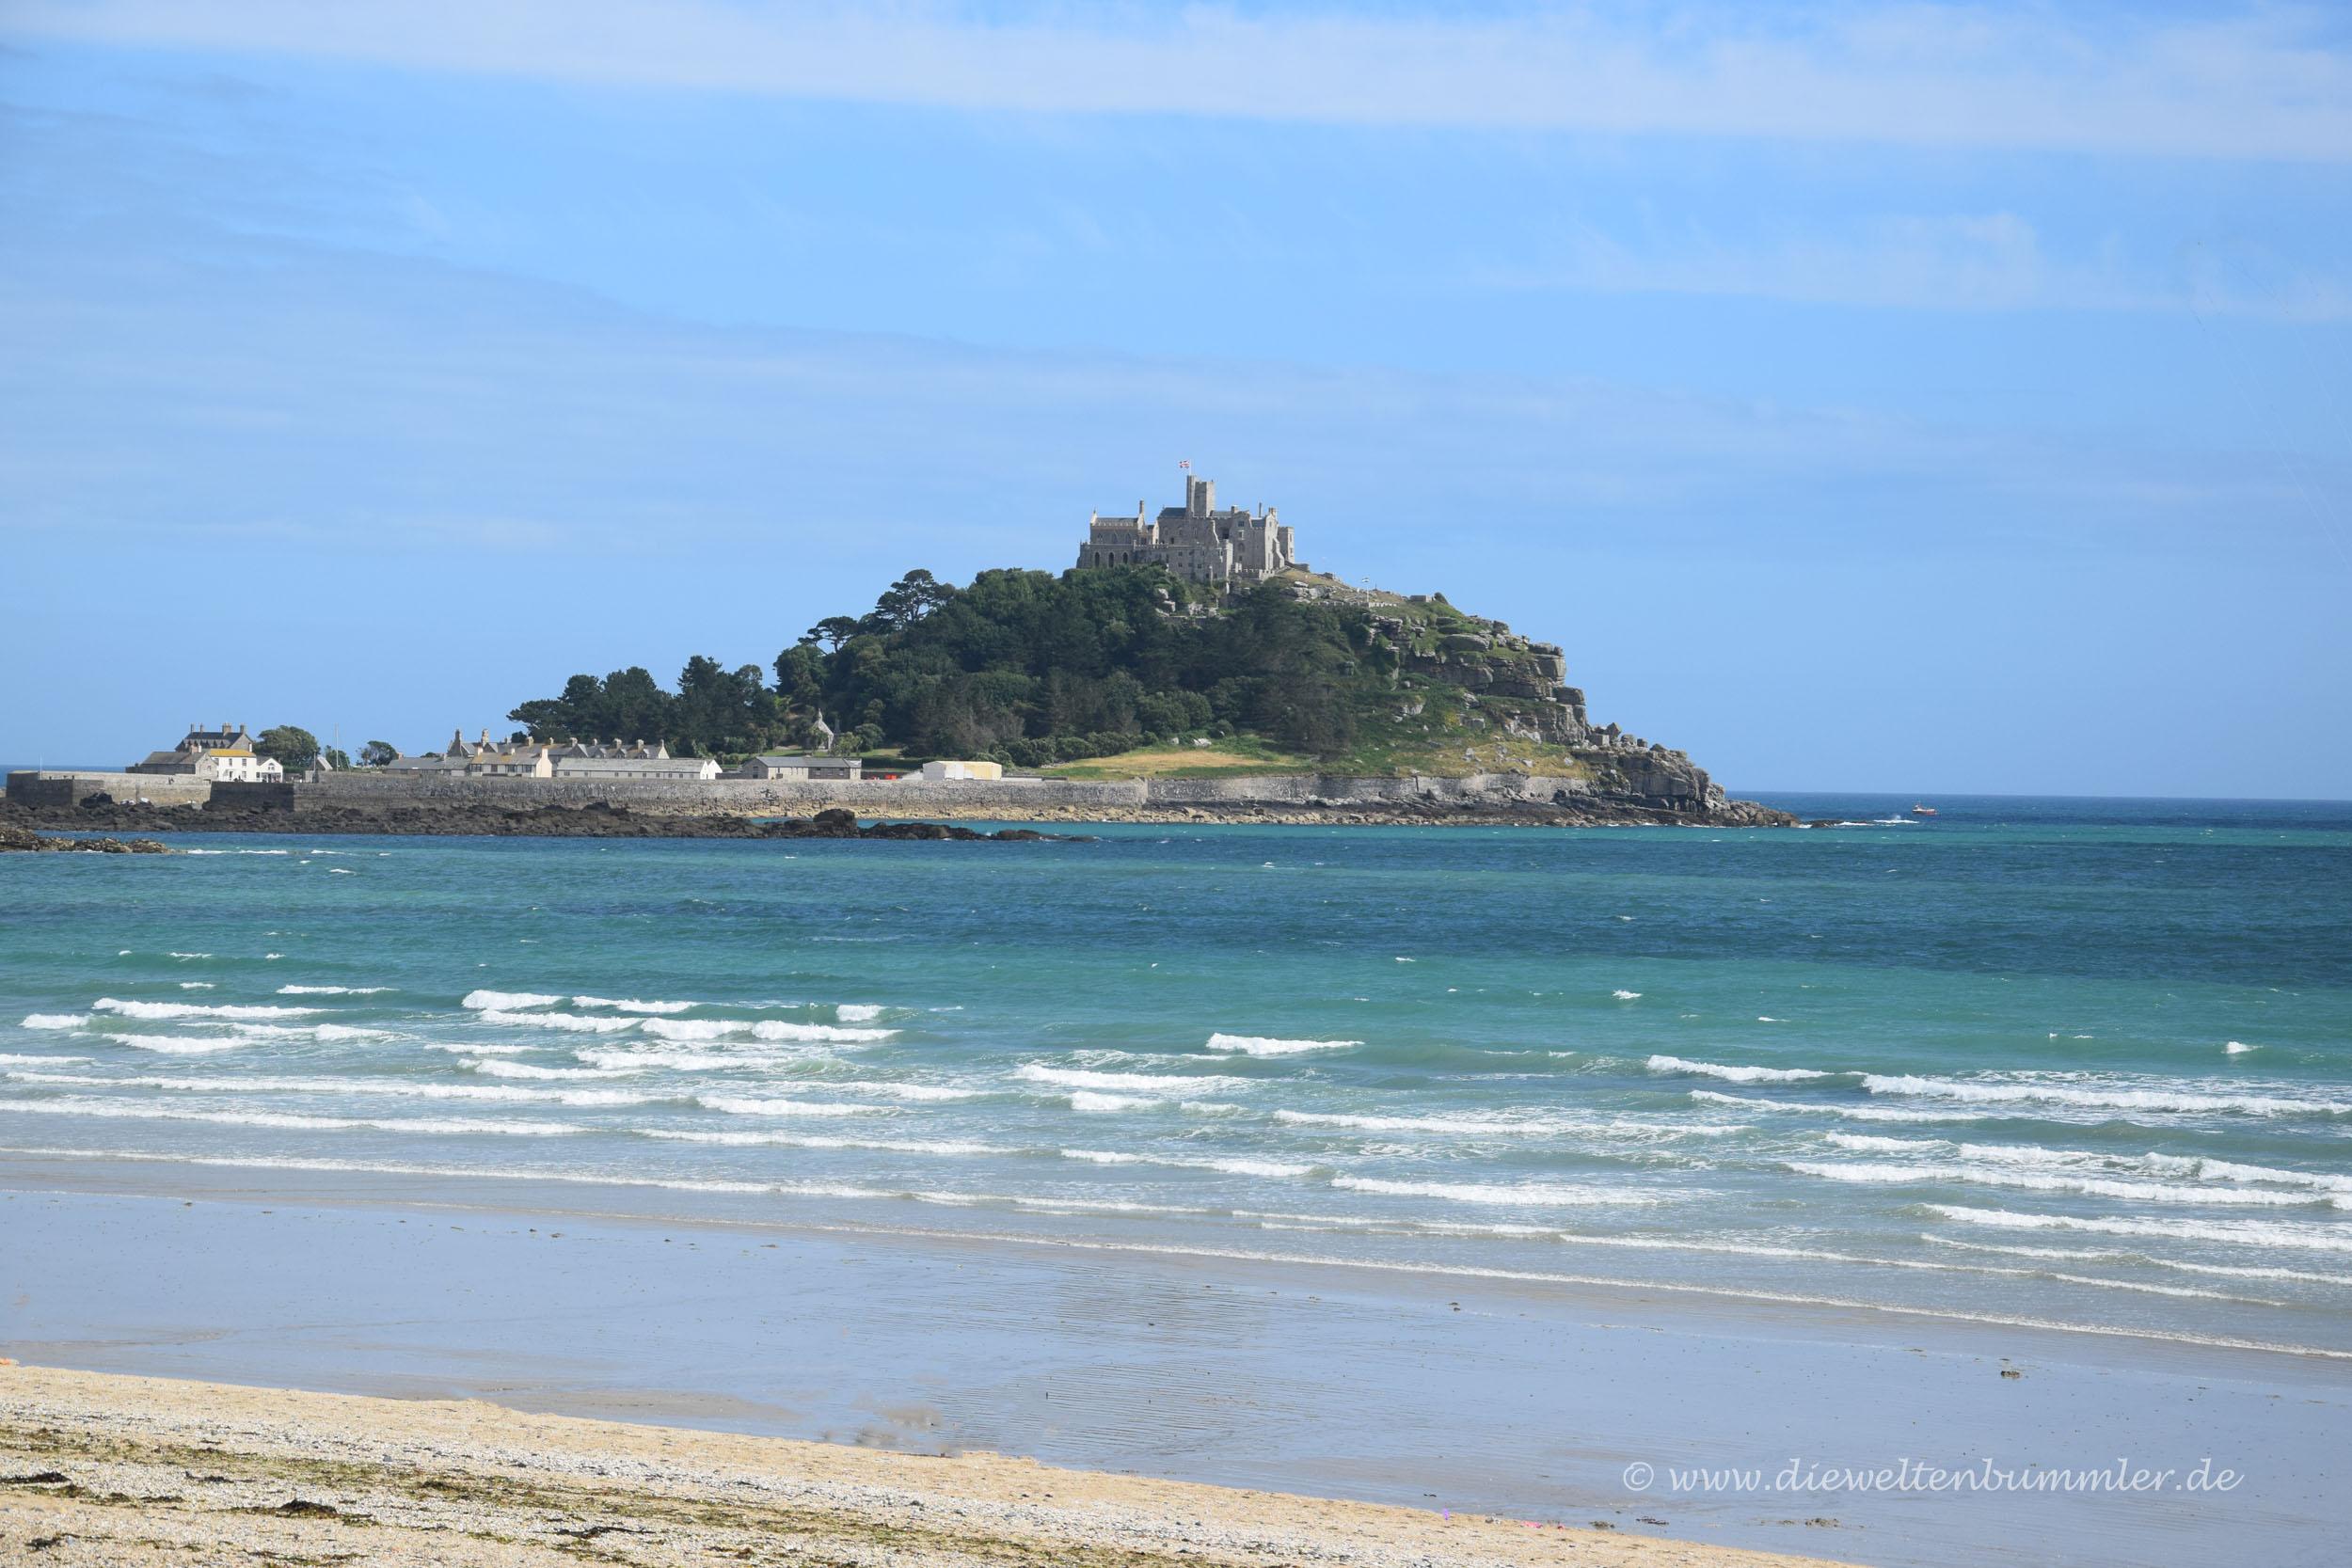 Am Strand von Cornwall